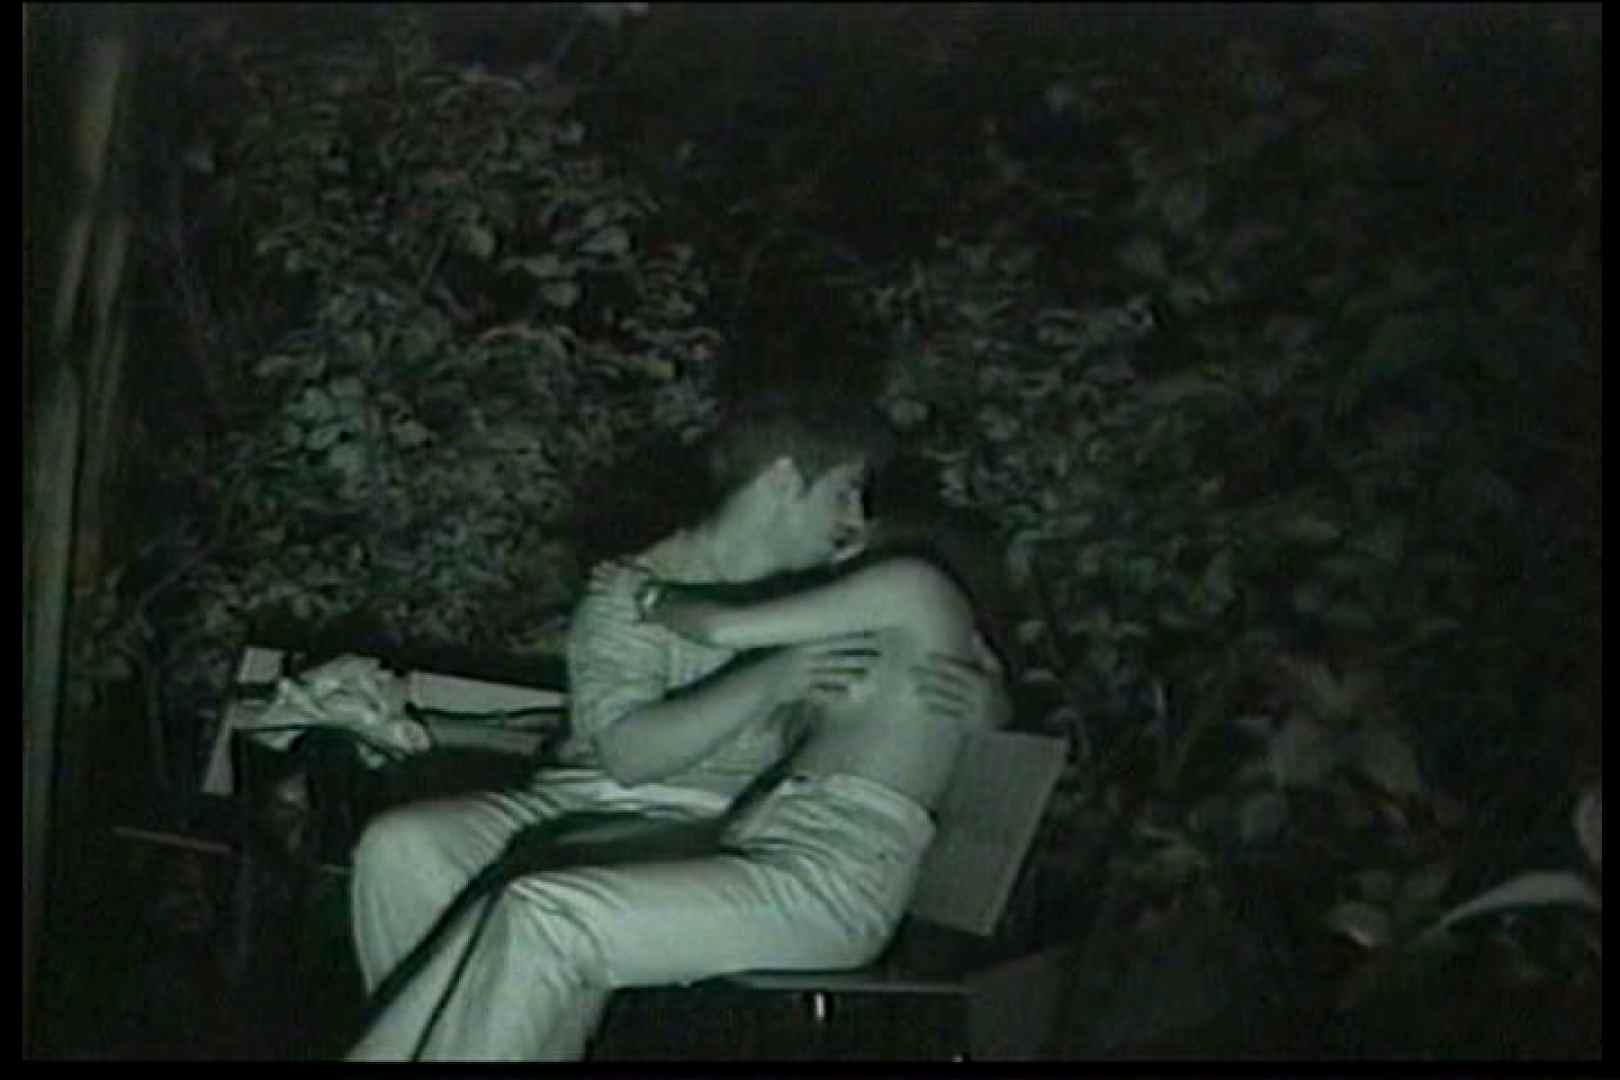 闇の仕掛け人 無修正版 Vol.16 OLヌード天国 エロ画像 78PIX 52